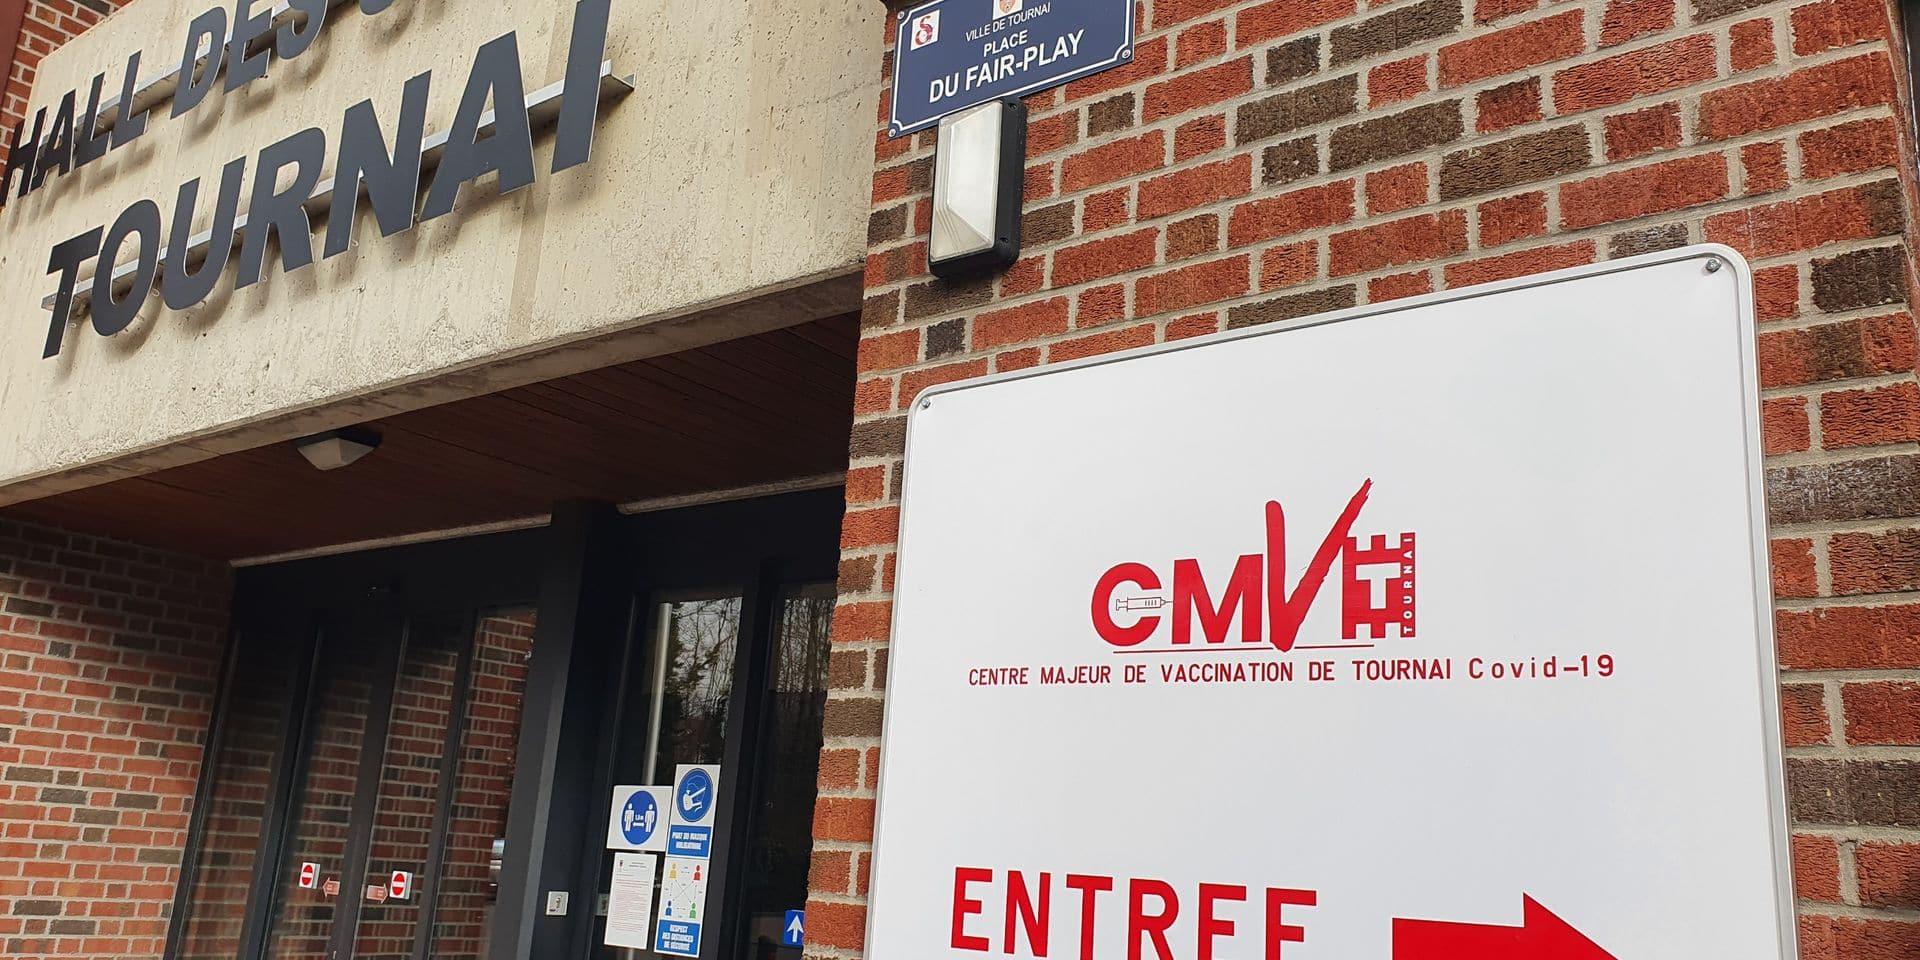 Deux lignes supplémentaires pour le centre majeur de vaccination tournaisien